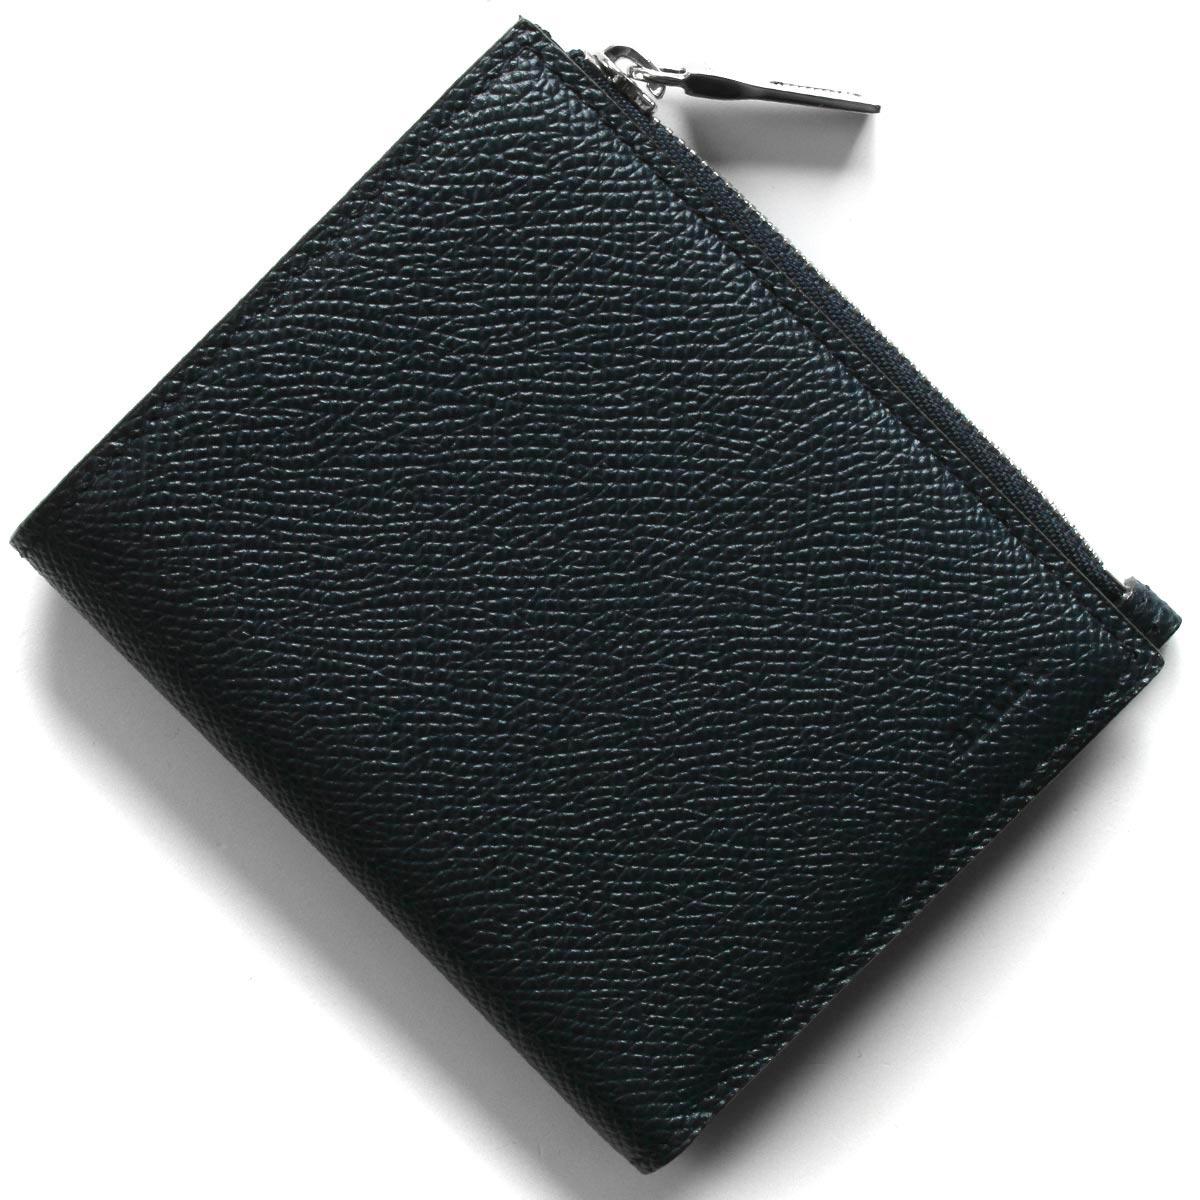 バリー 二つ折り財布 財布 メンズ バナー ニューブルー BUNNER B 427 6229001 BALLY